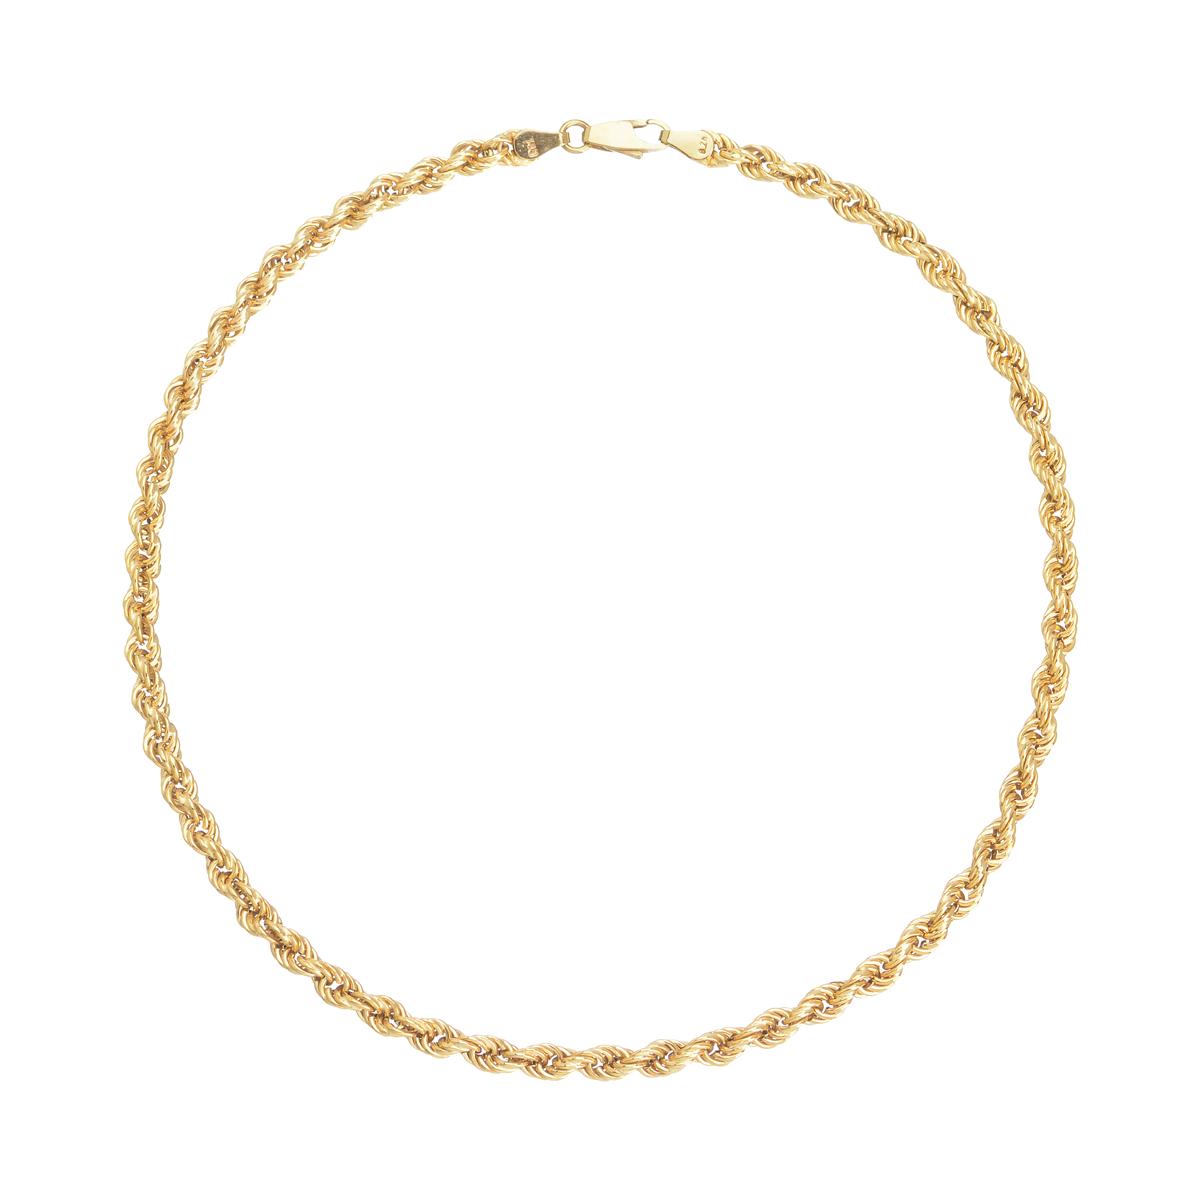 χρυσο κολιε με στριφτη αλυσιδα λαιμου